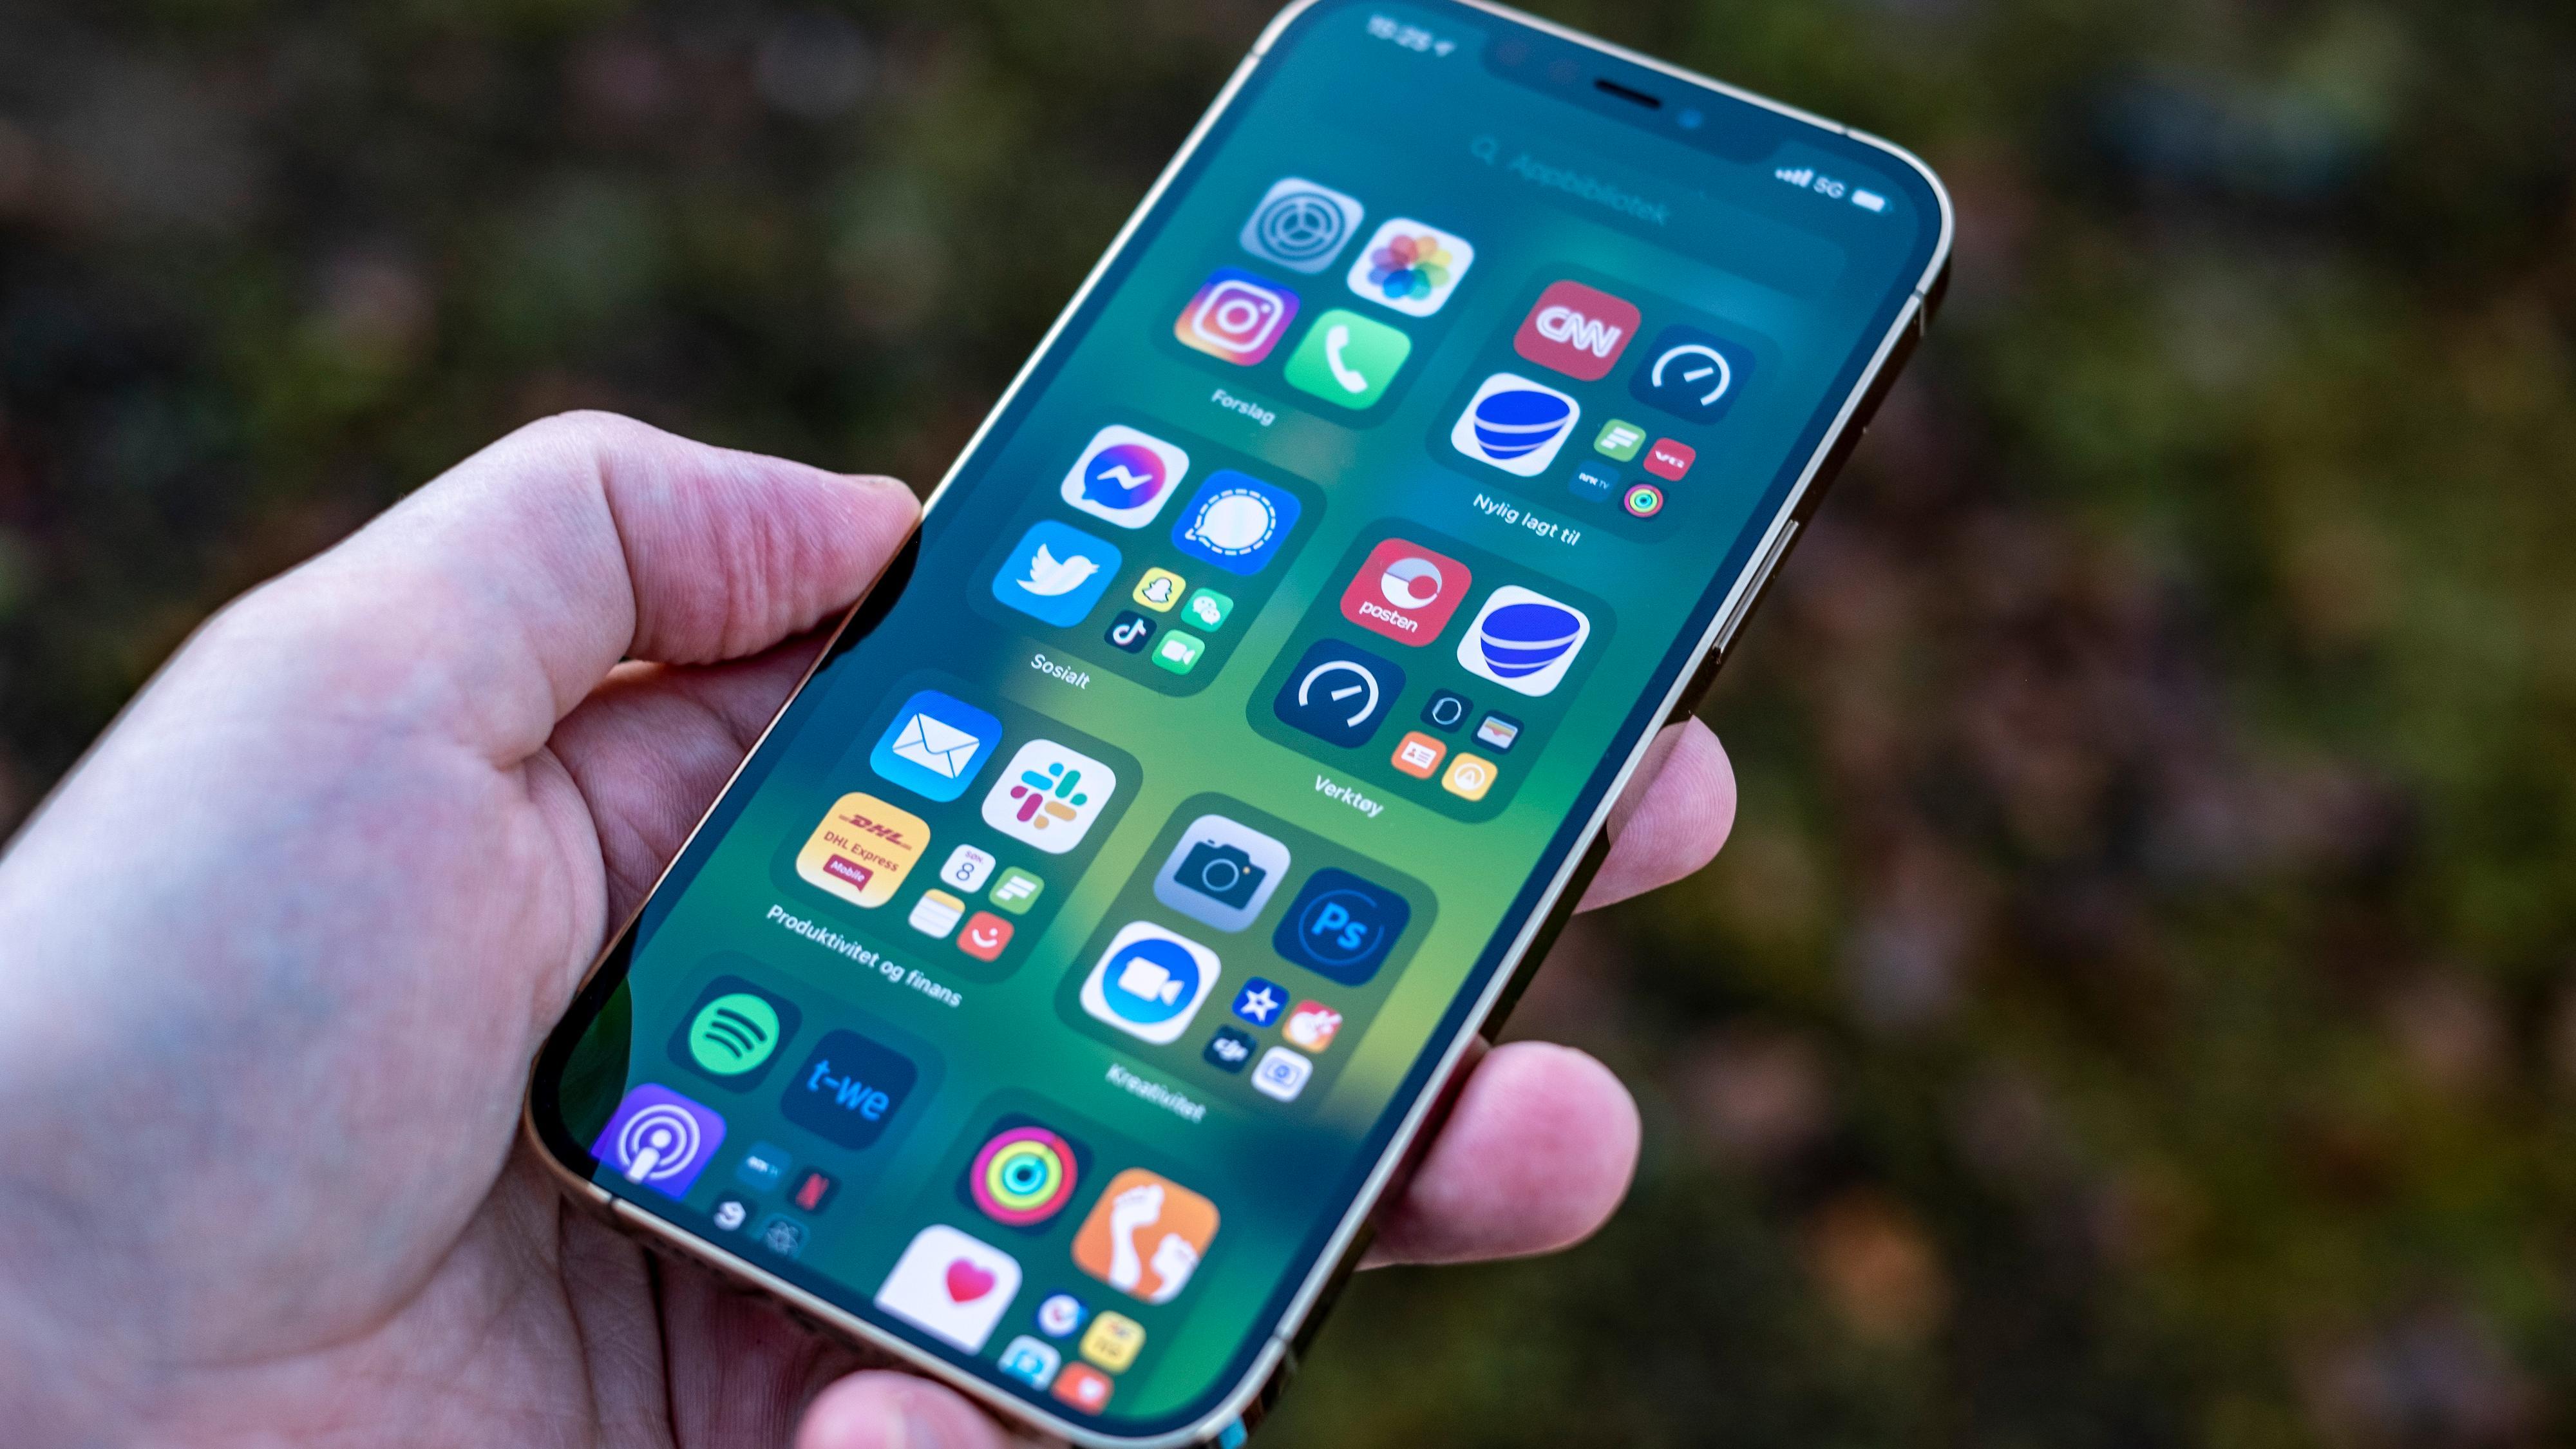 Hevder neste iPhone får en skjerm som alltid kan være på